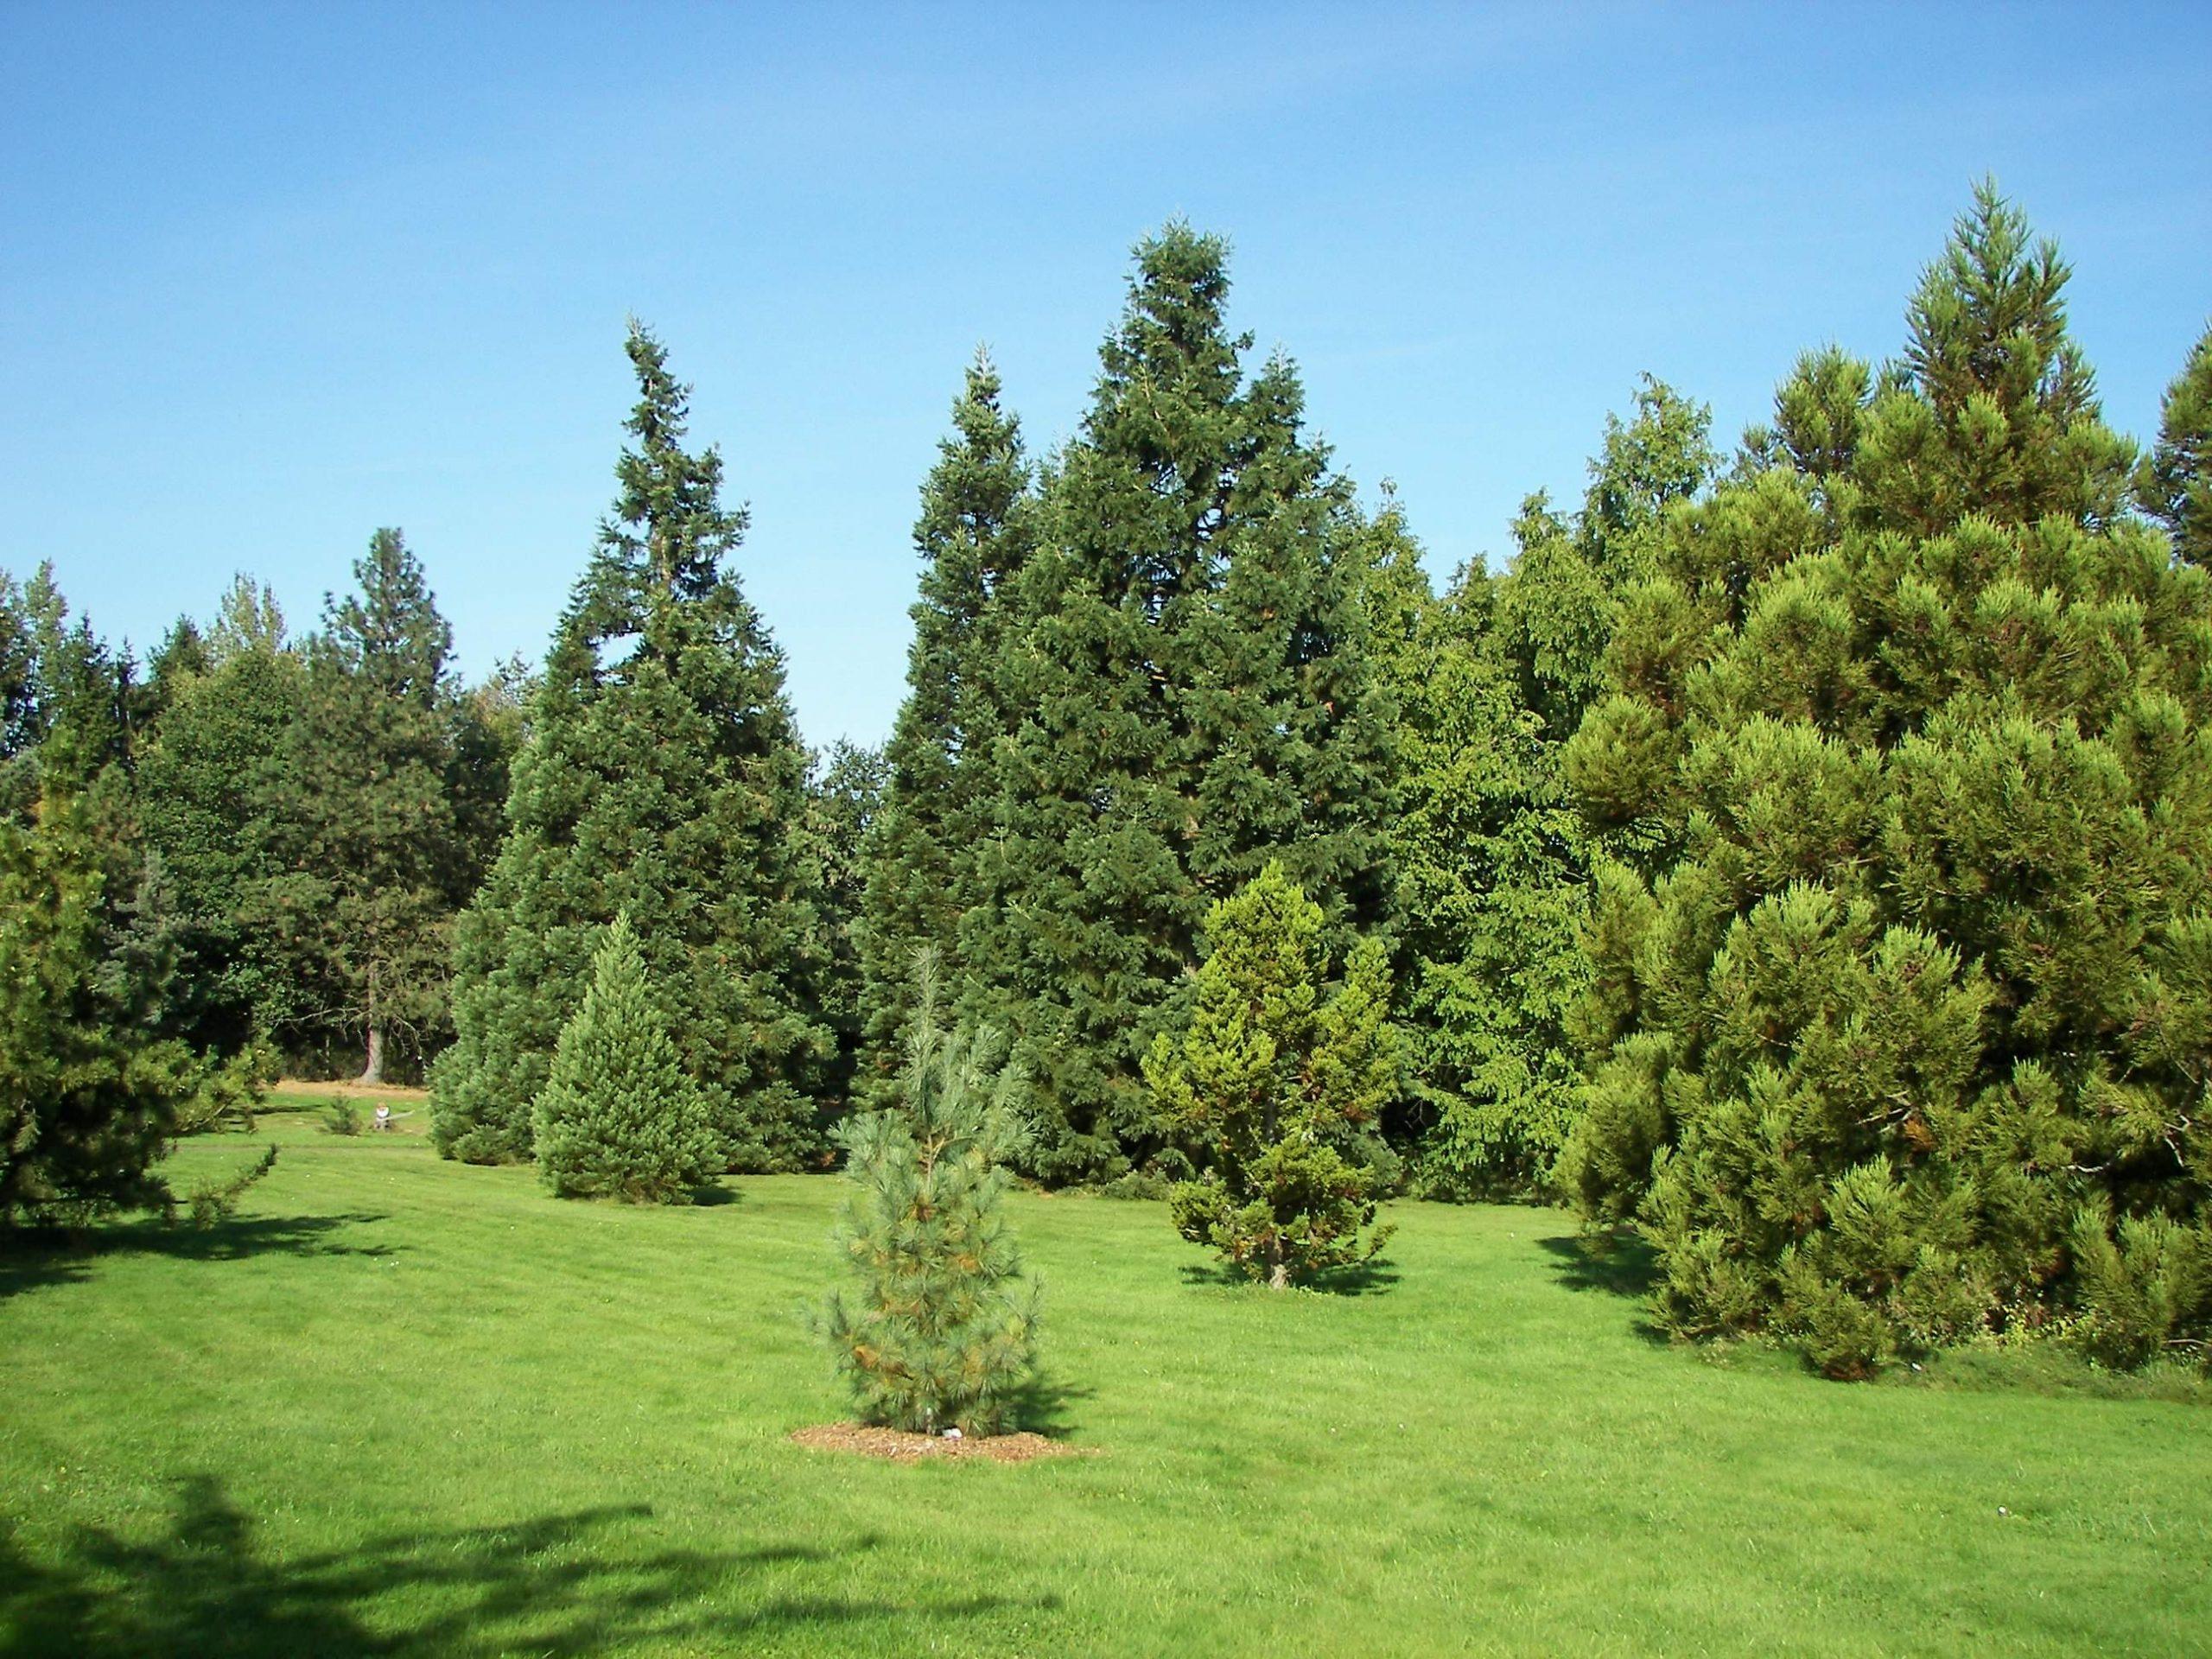 Neuer Botanischer Garten Pinetum 002